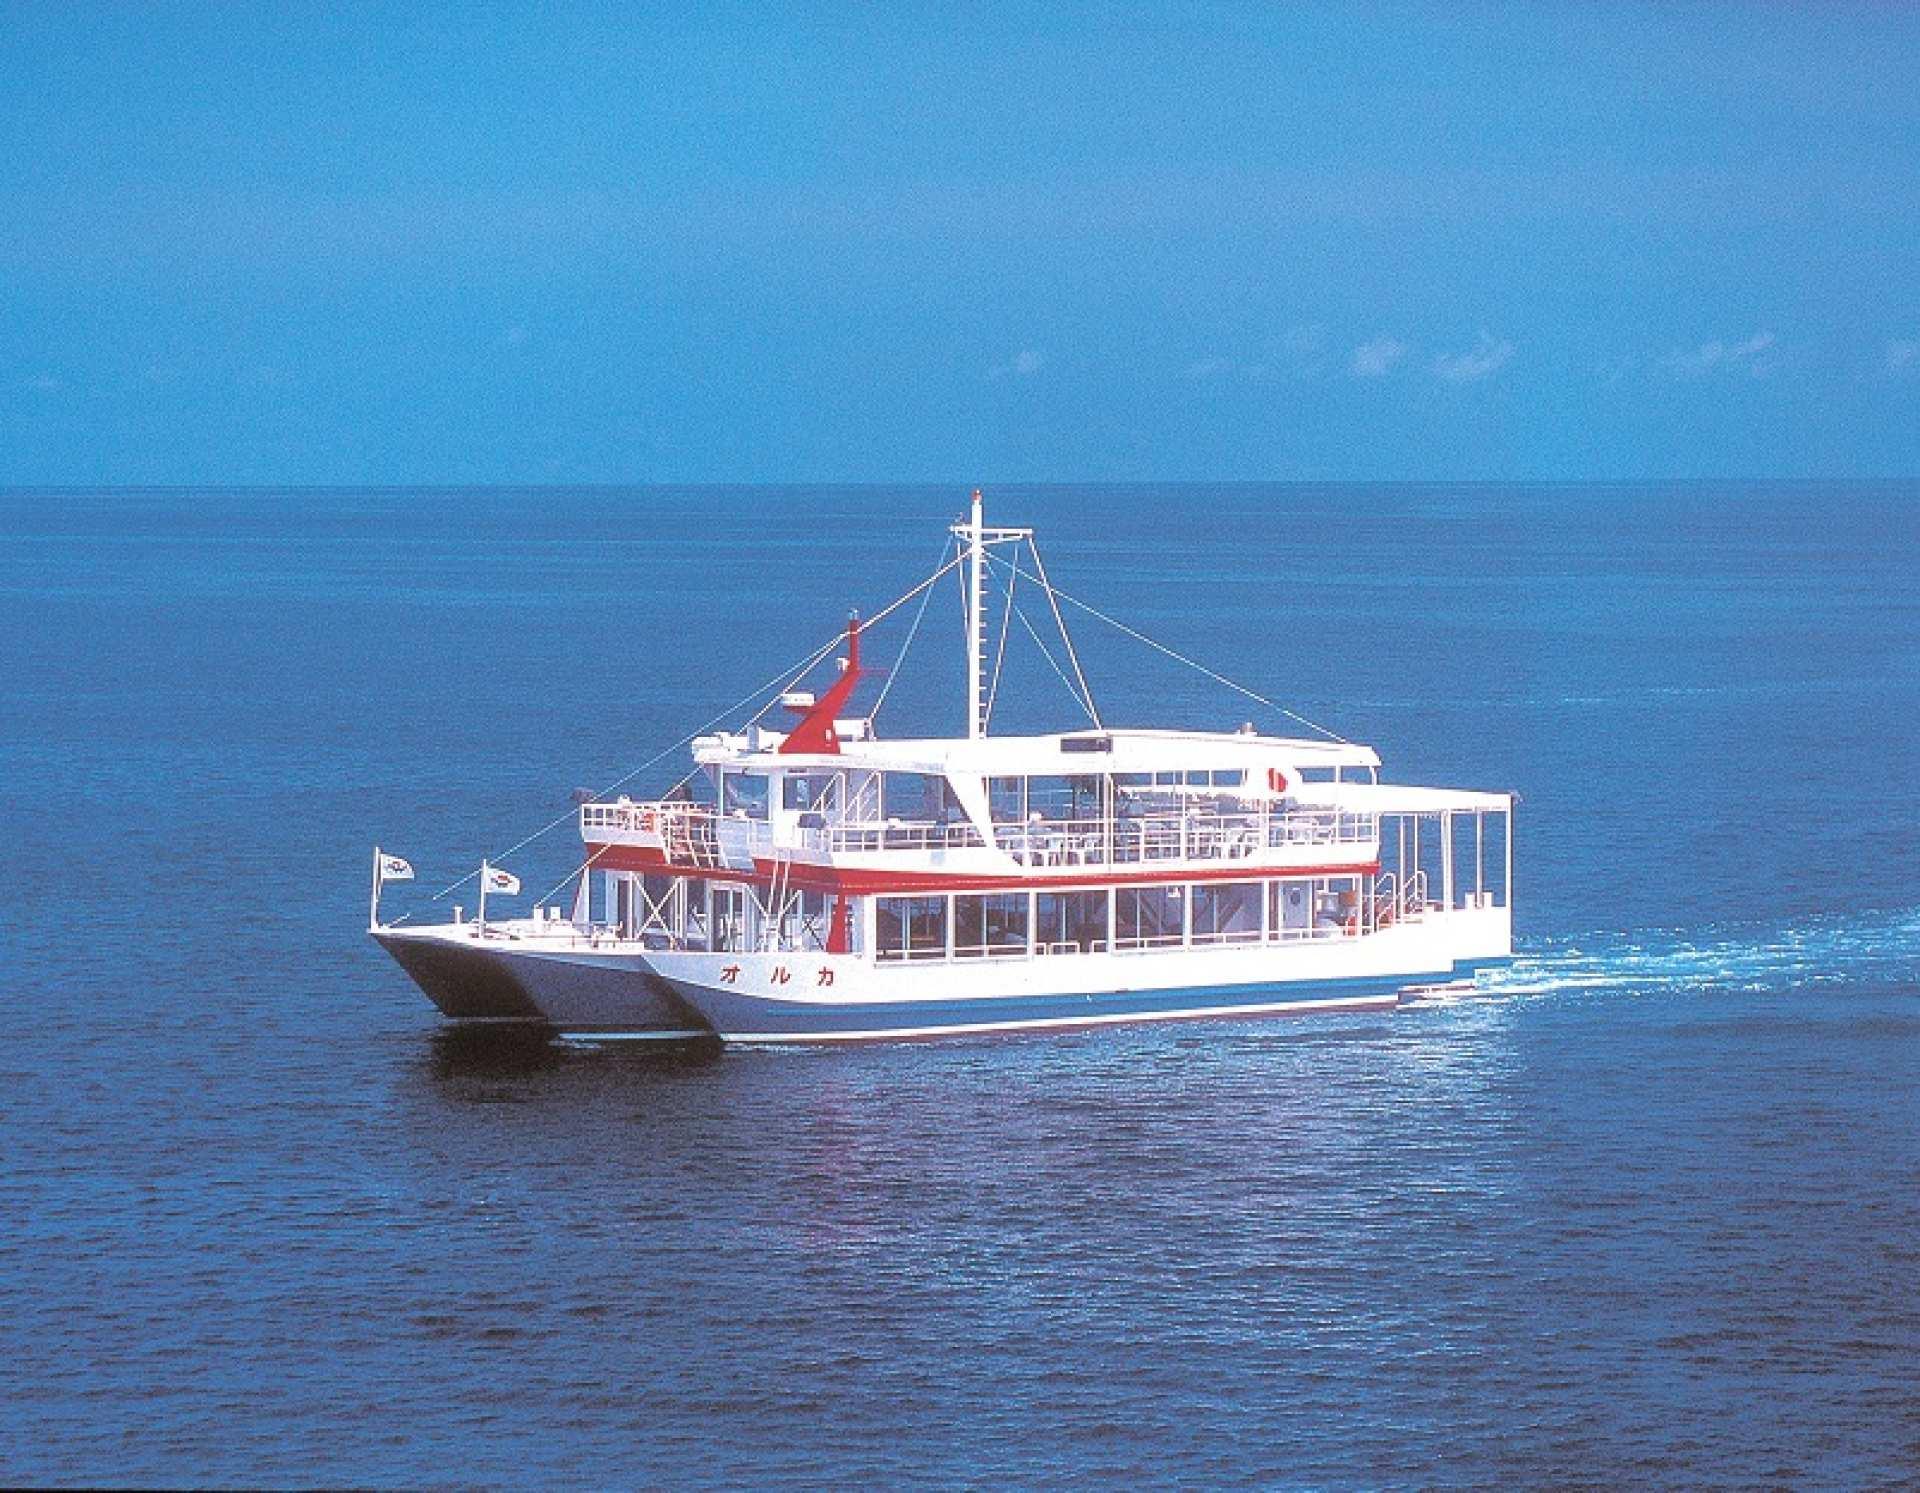 那覇|大型水中観光船オルカ号クルーズで海底散歩|モノレール旭橋駅